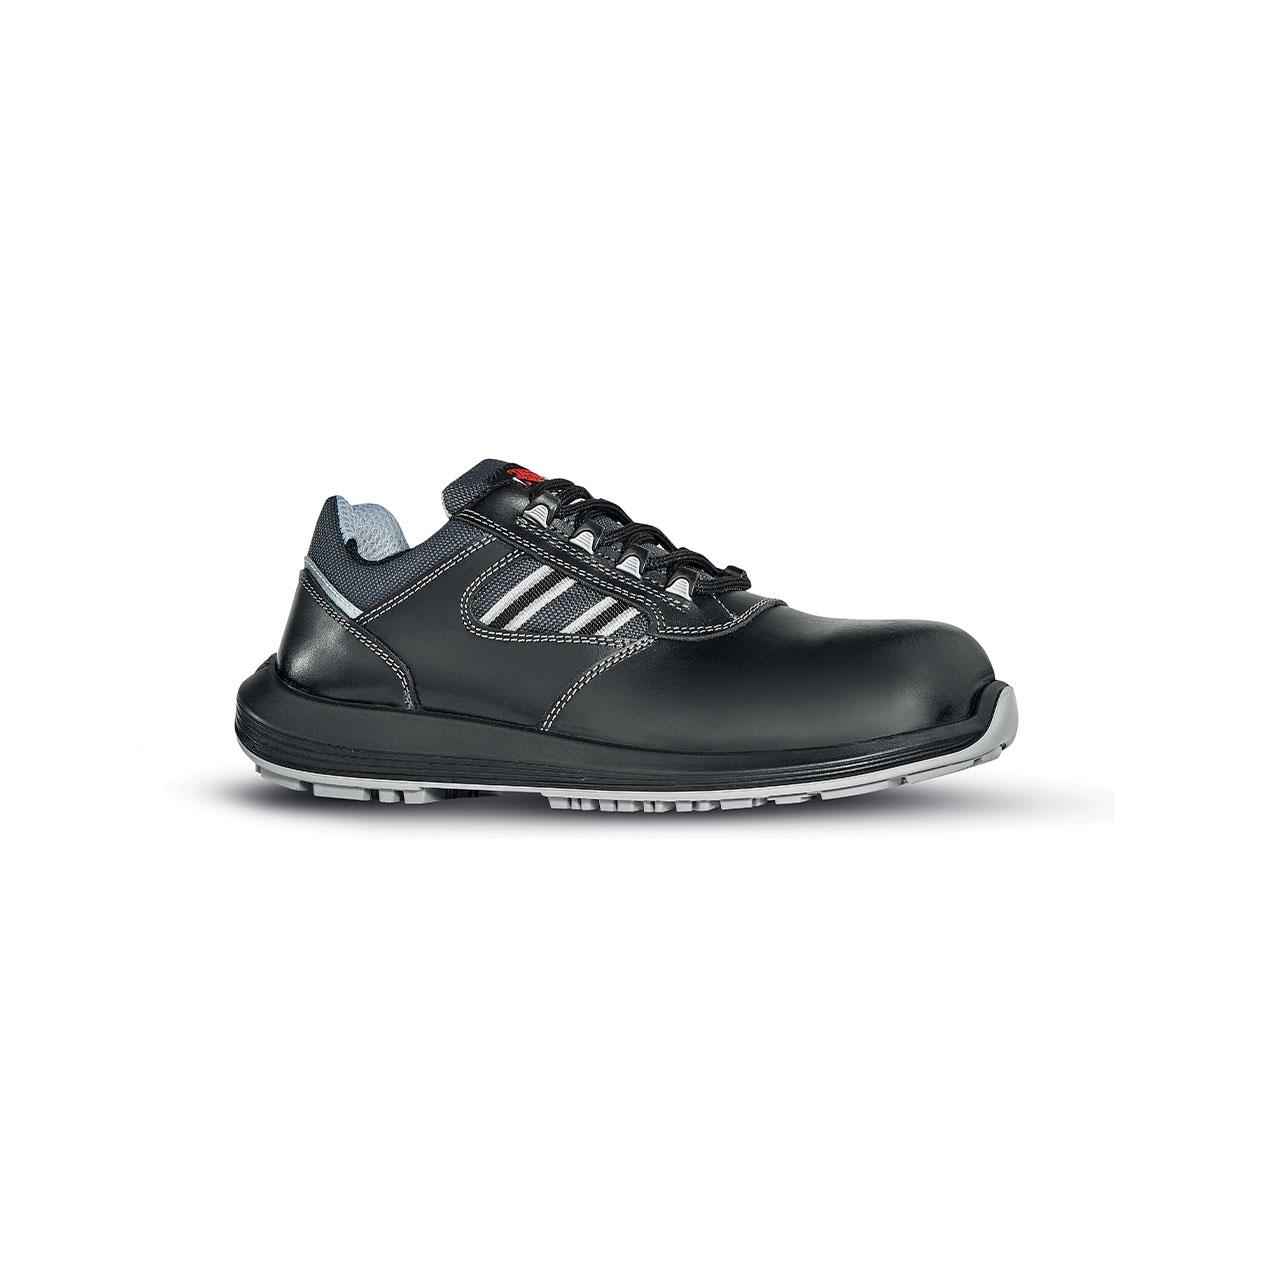 scarpa antinfortunistica upower modello style linea rock_roll vista laterale